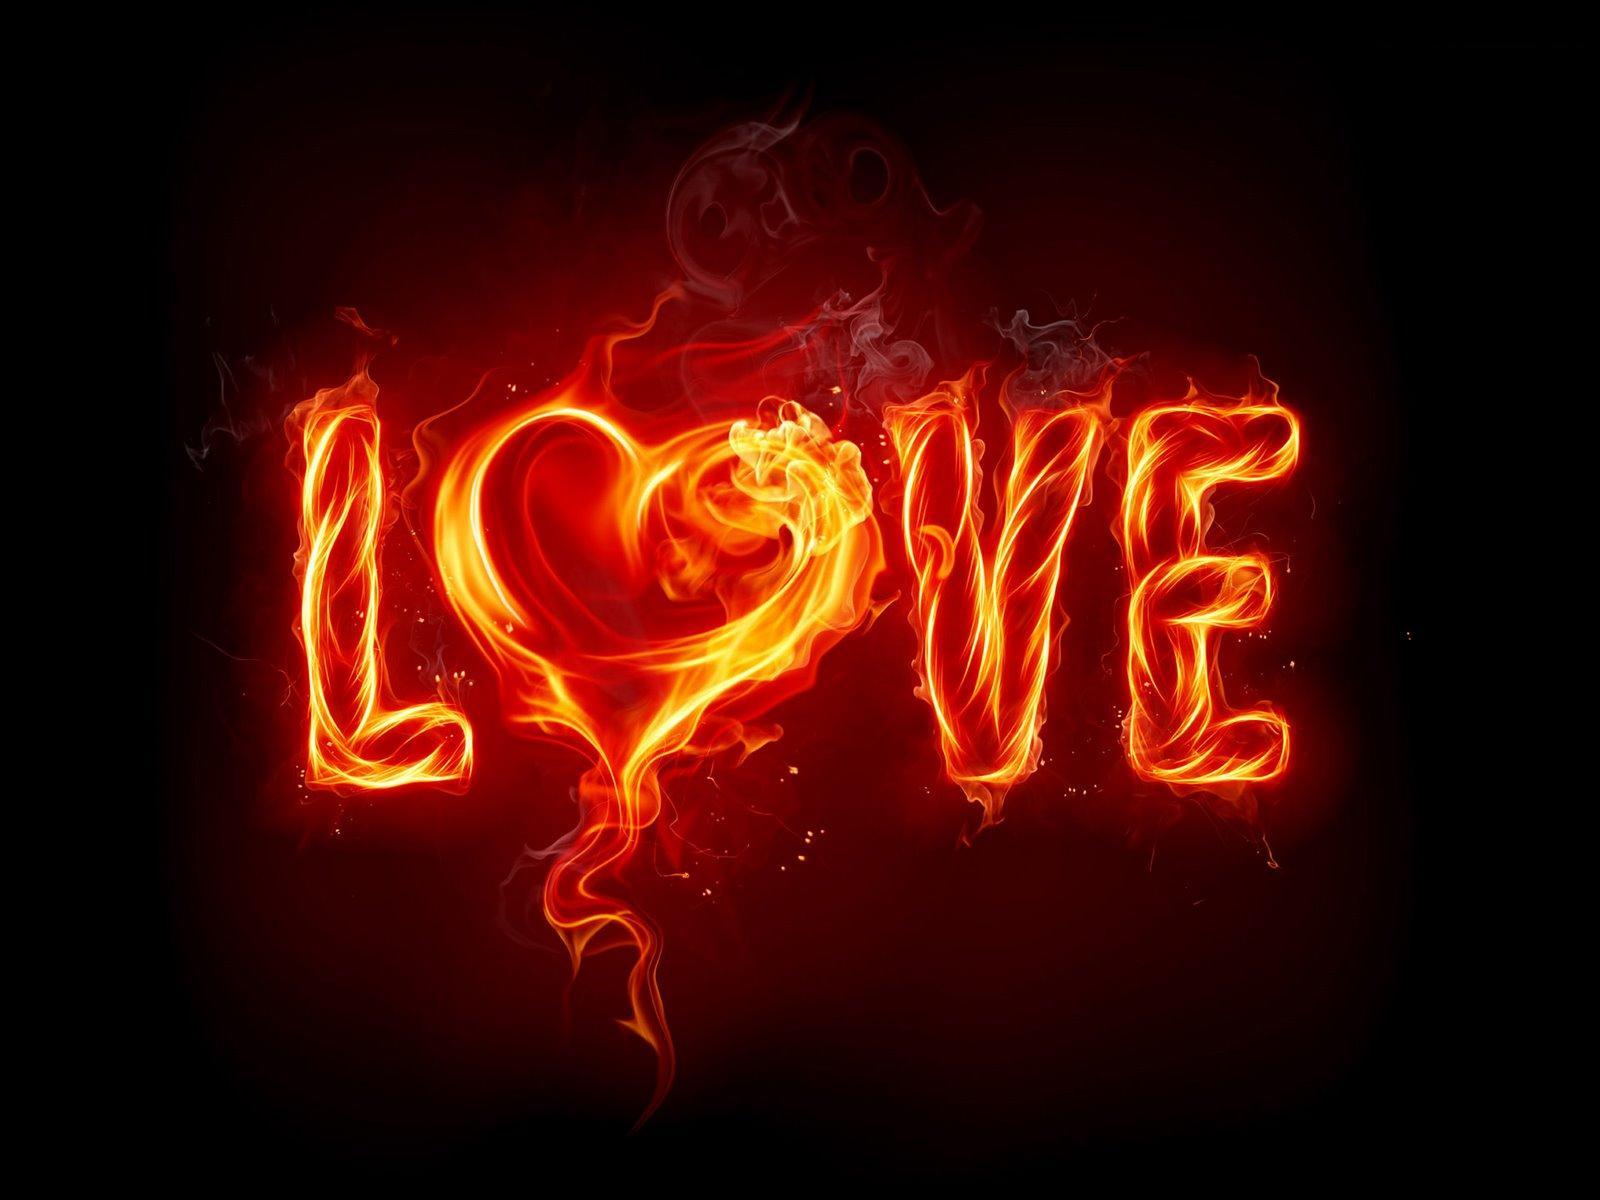 http://2.bp.blogspot.com/_WmfnL79SyIE/S4vZBQG3YYI/AAAAAAAAB9Y/a3s7-kxlrHc/s1600/burning-love-wallpaper.jpg